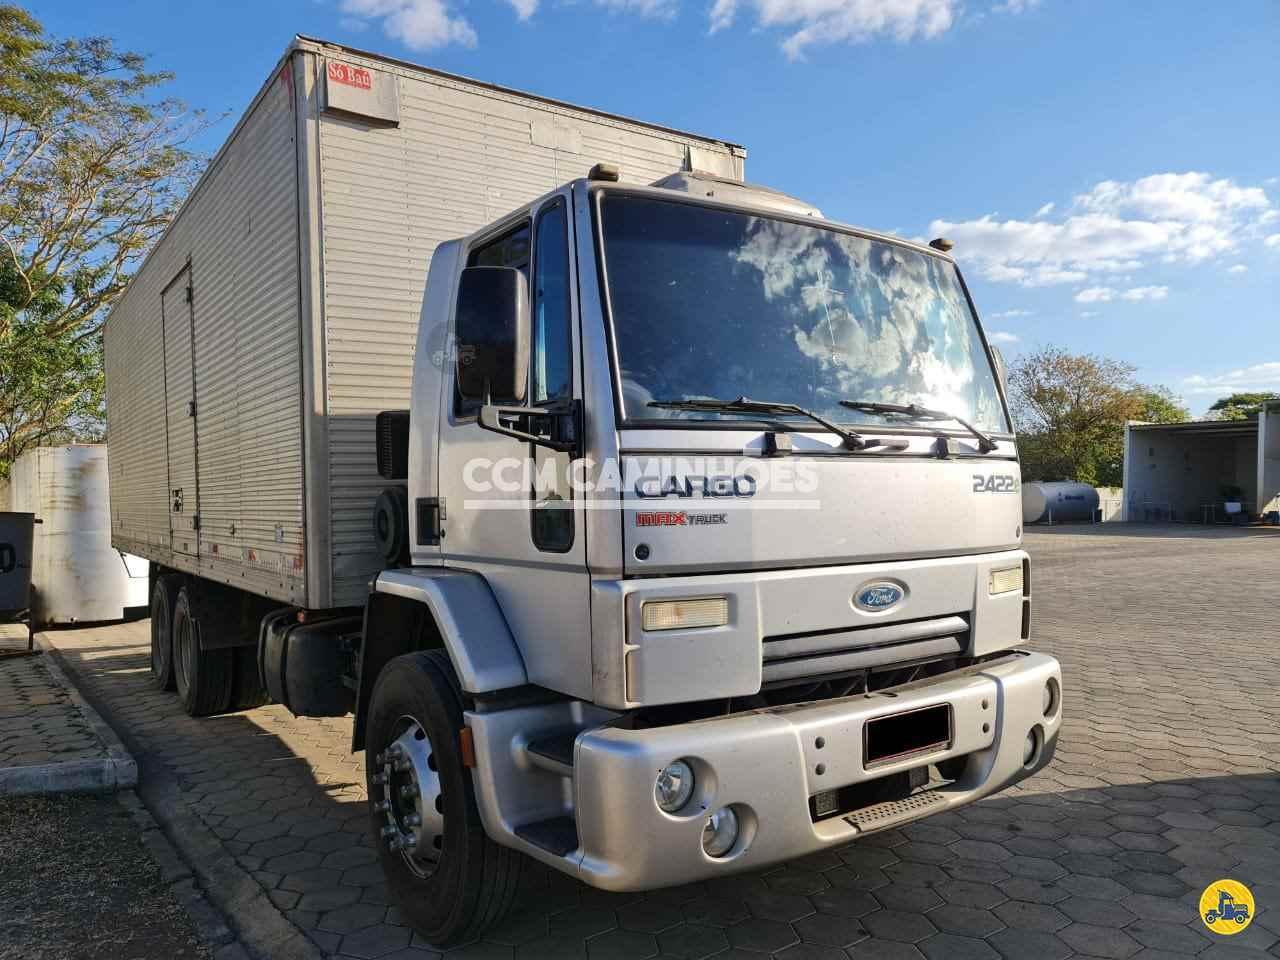 CAMINHAO FORD CARGO 2422 Baú Furgão Truck 6x2 CCM Caminhões GOIANIA GOIAS GO